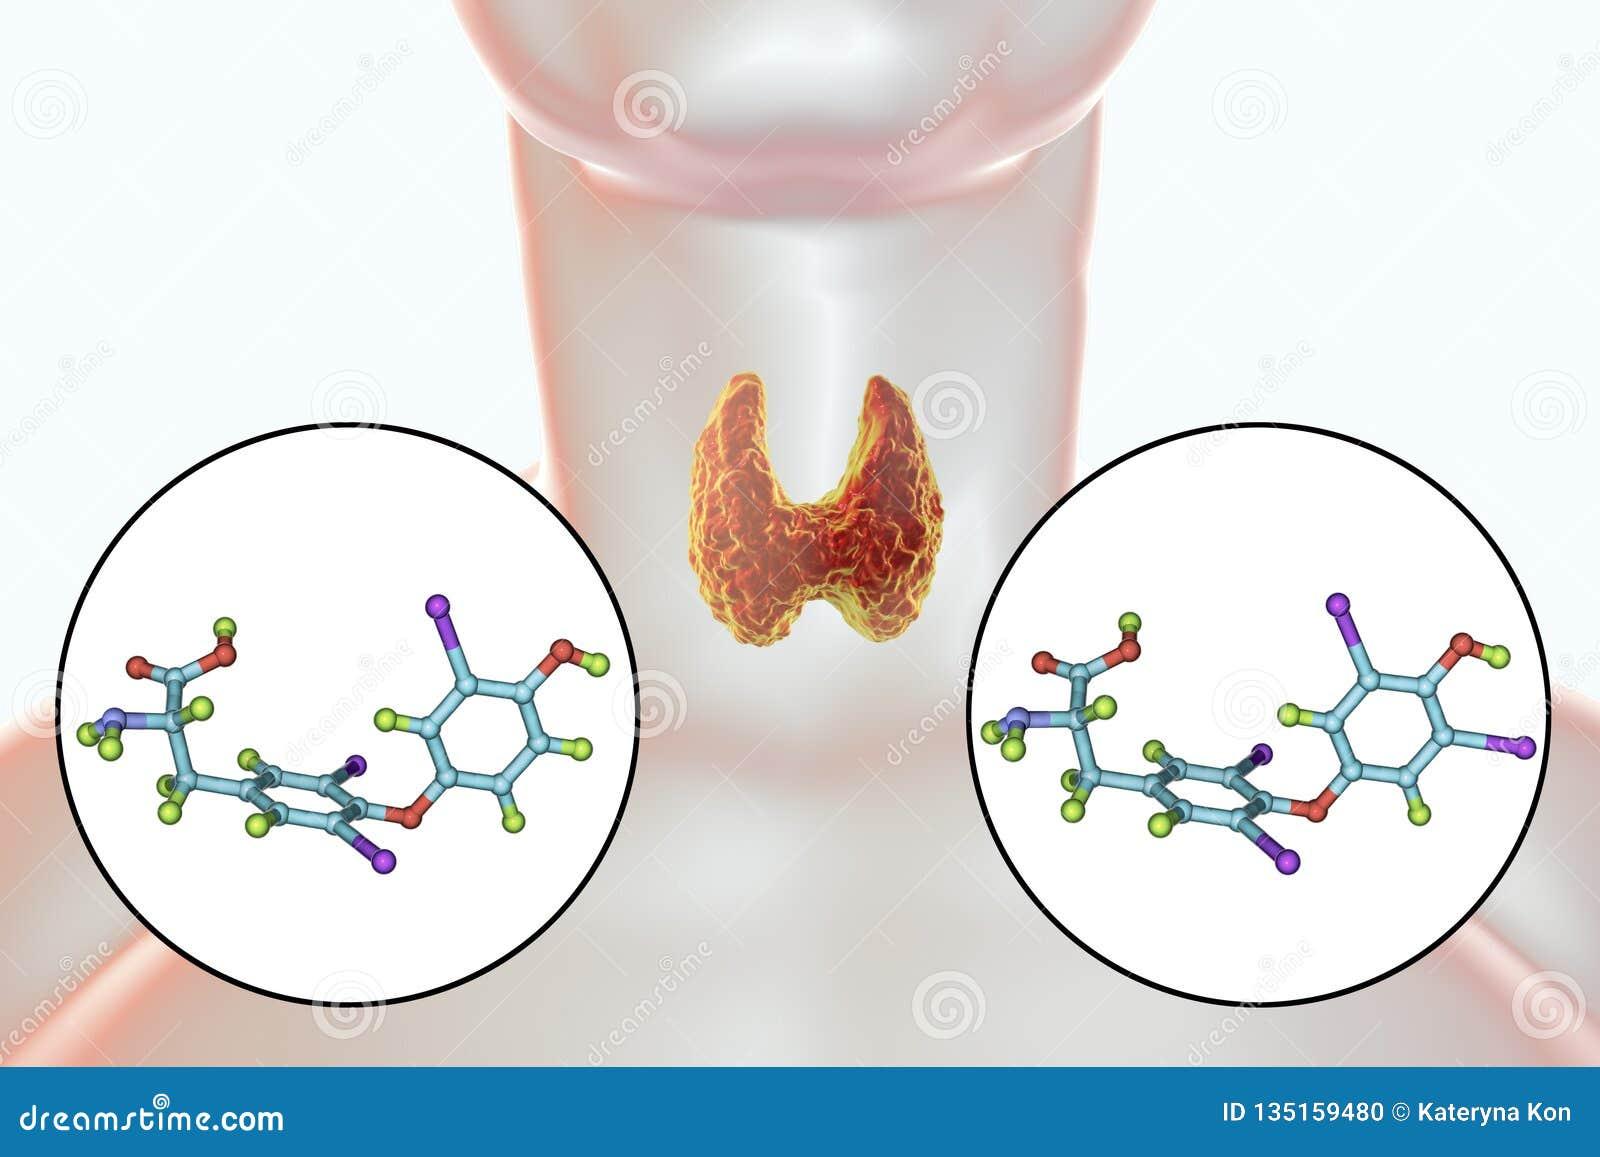 Ορμόνες του θυροειδούς αδένα T3 και T4